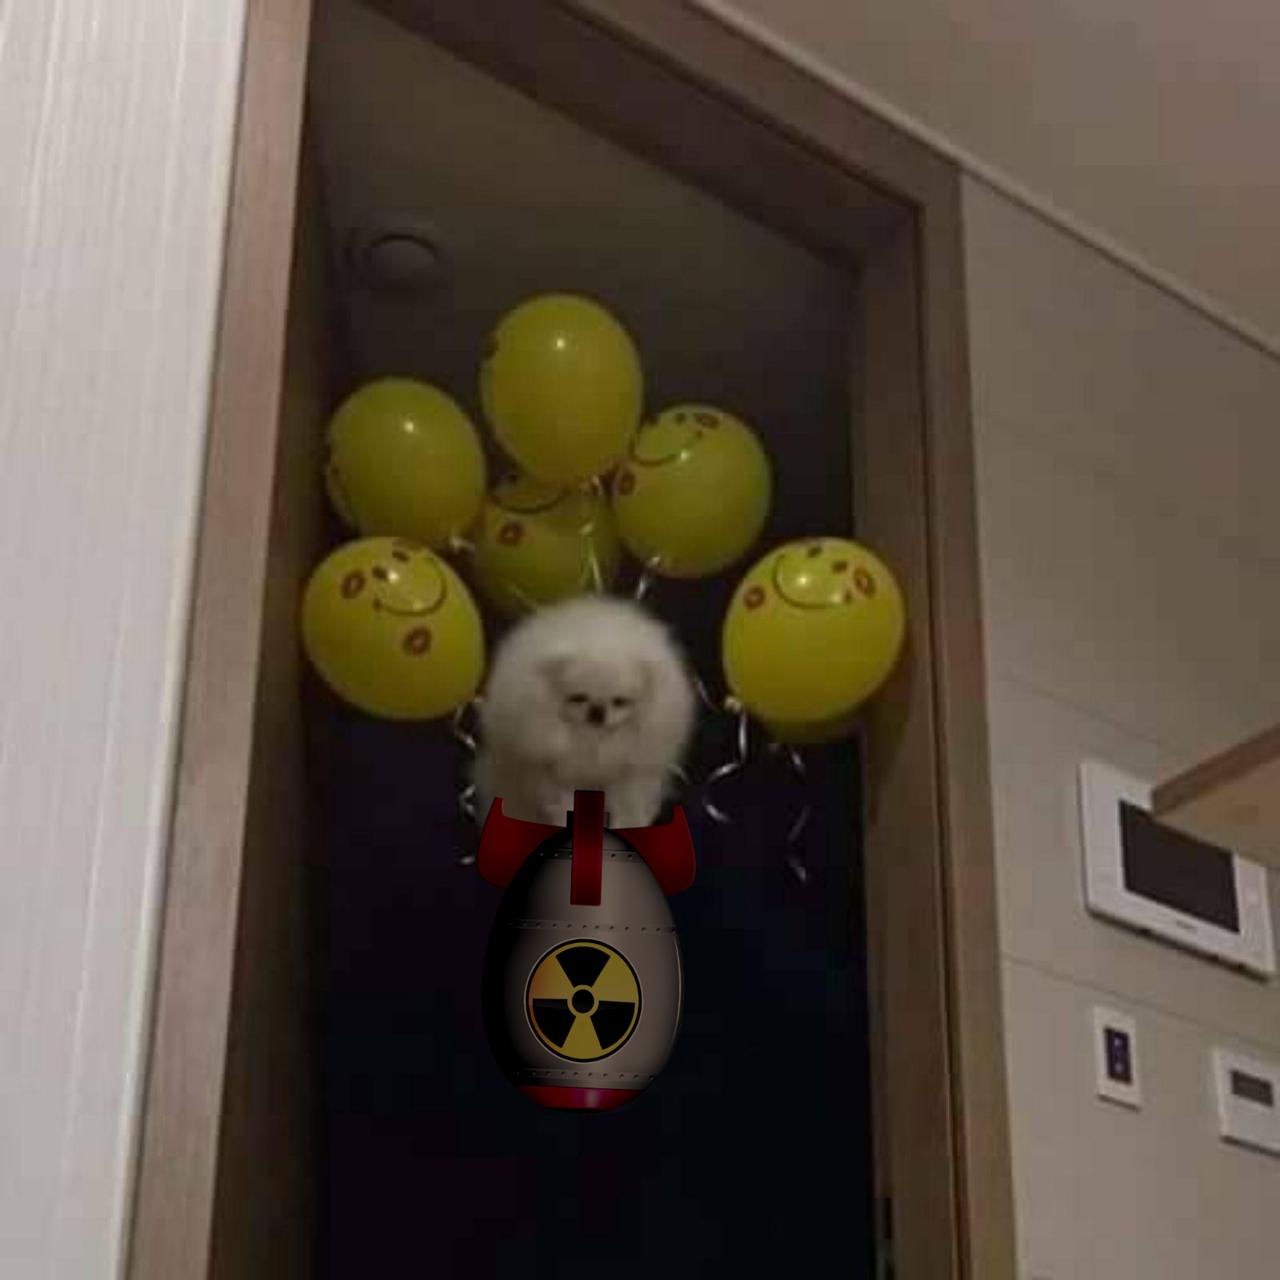 amerikan askeri hiroşima'ya nükleer bomba bırakırken. (1945 renklendirilmiş)